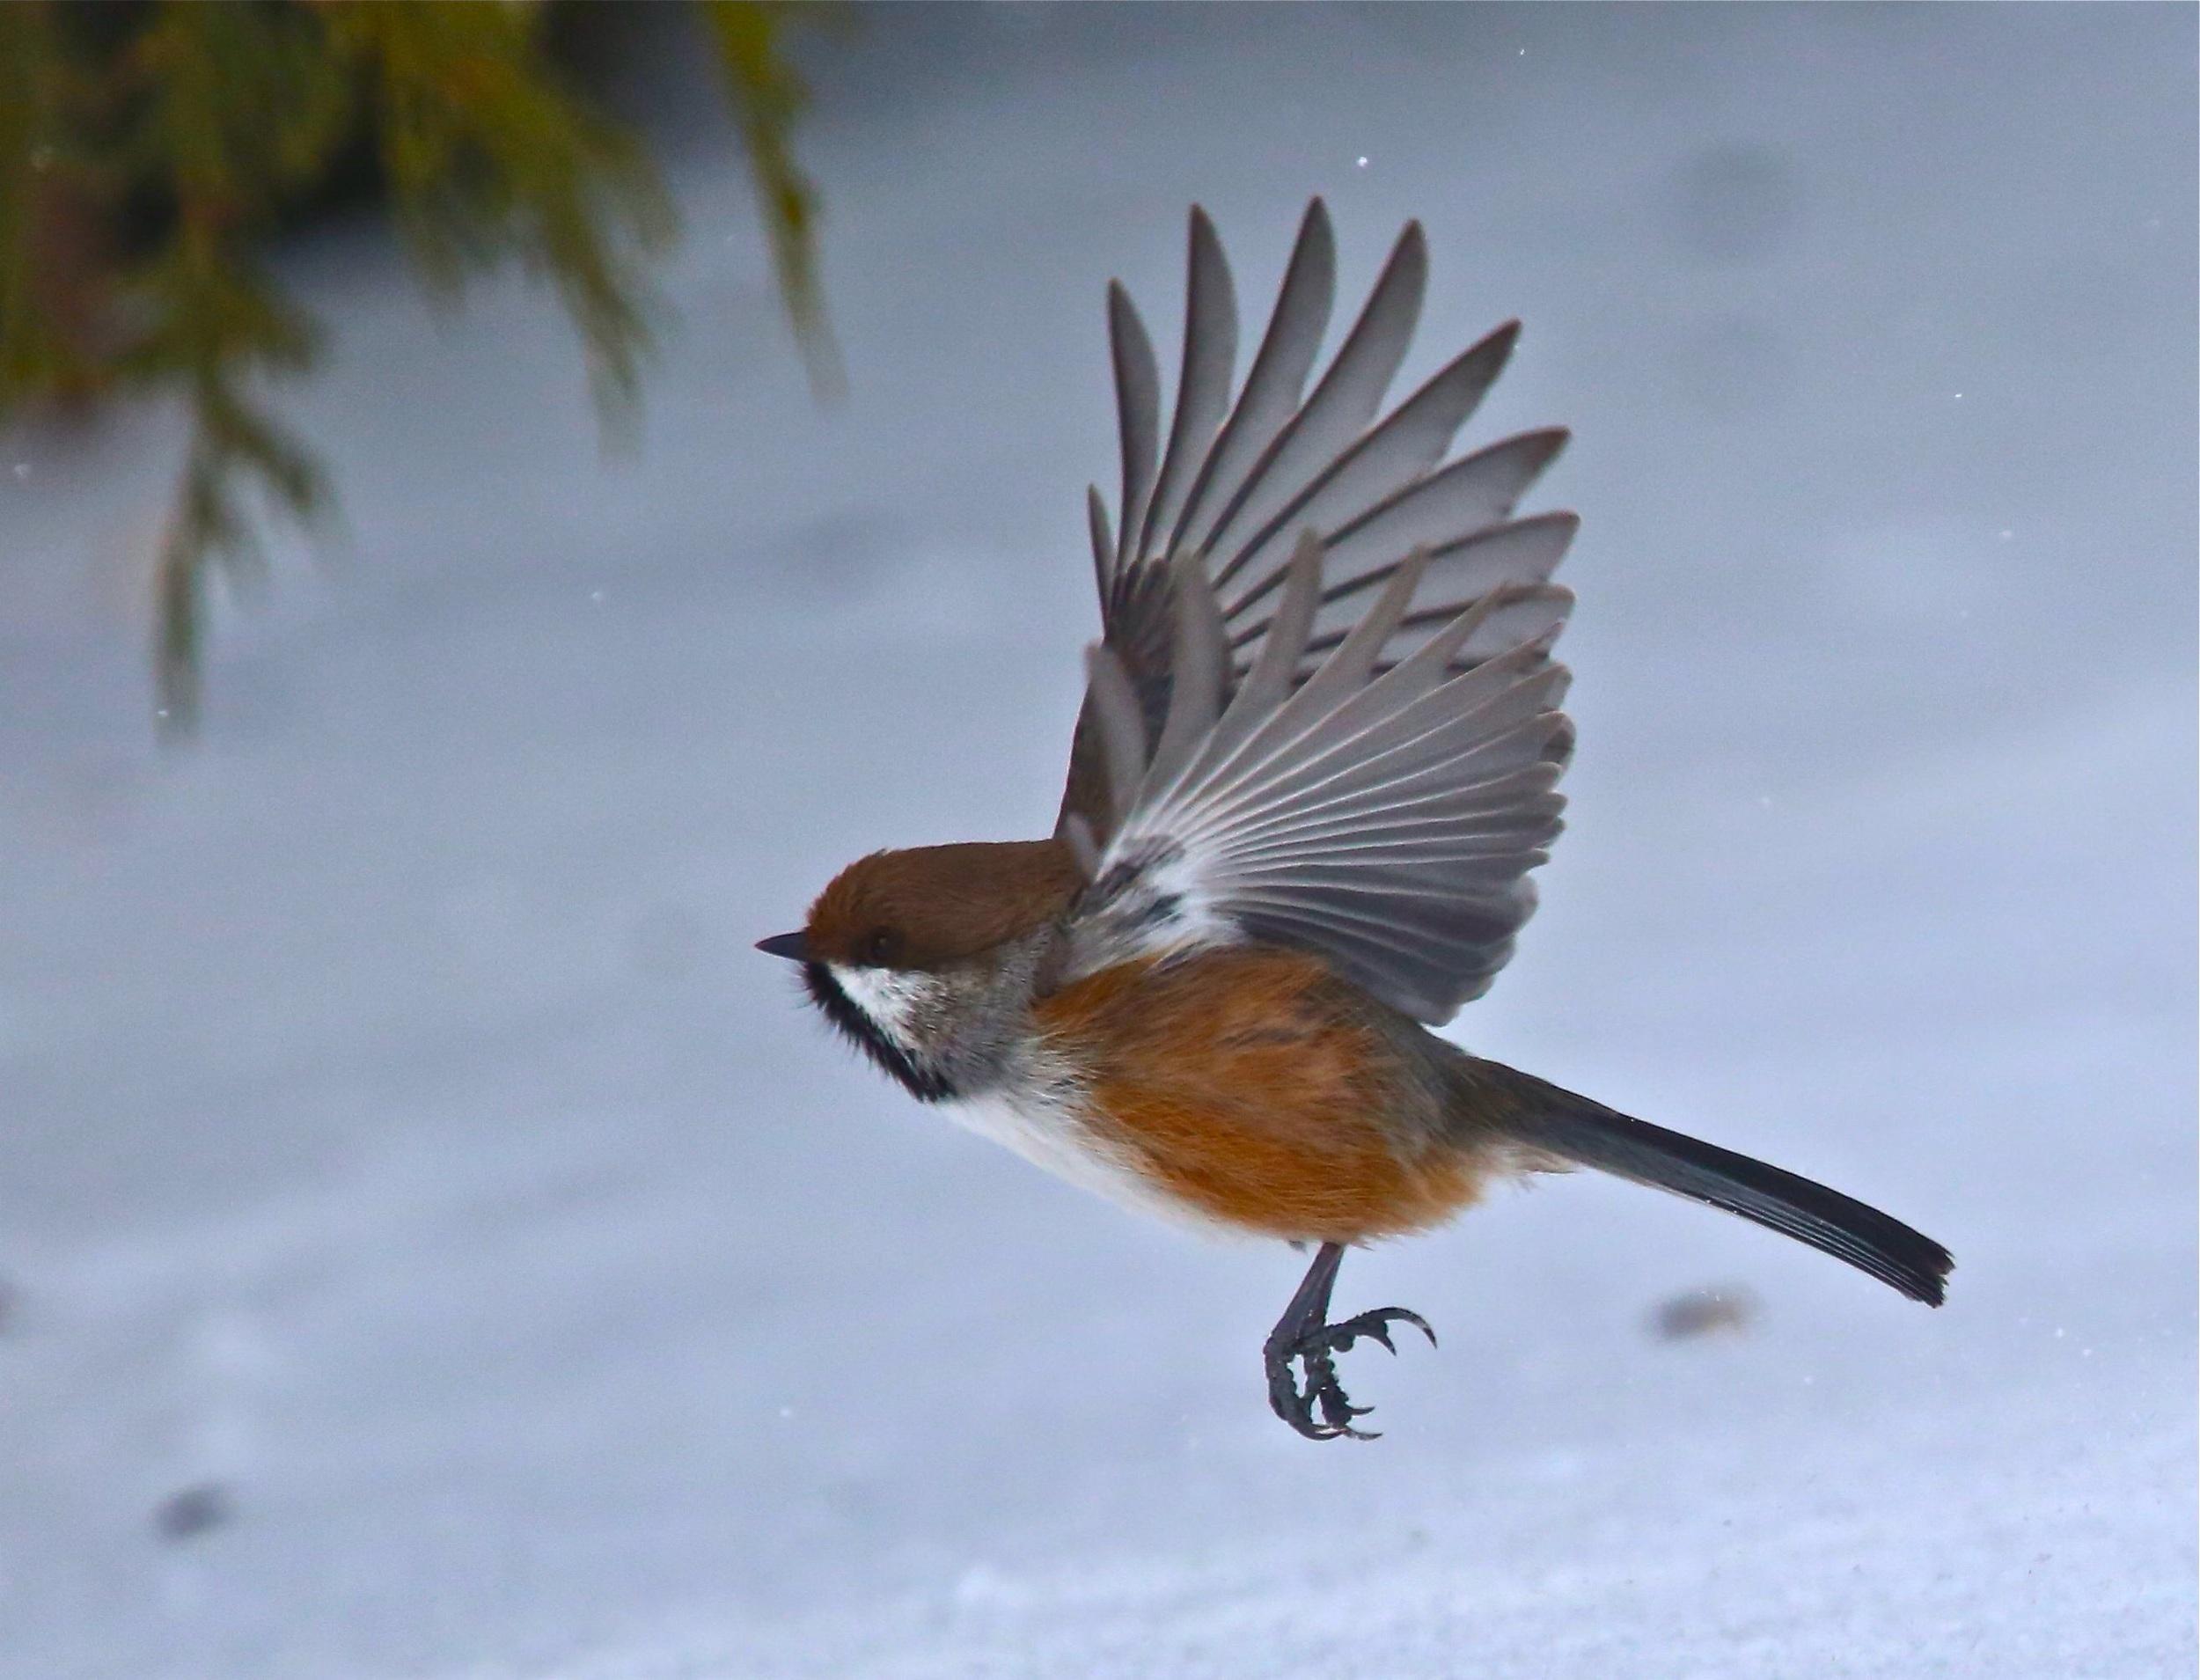 And a boreal chickadee.